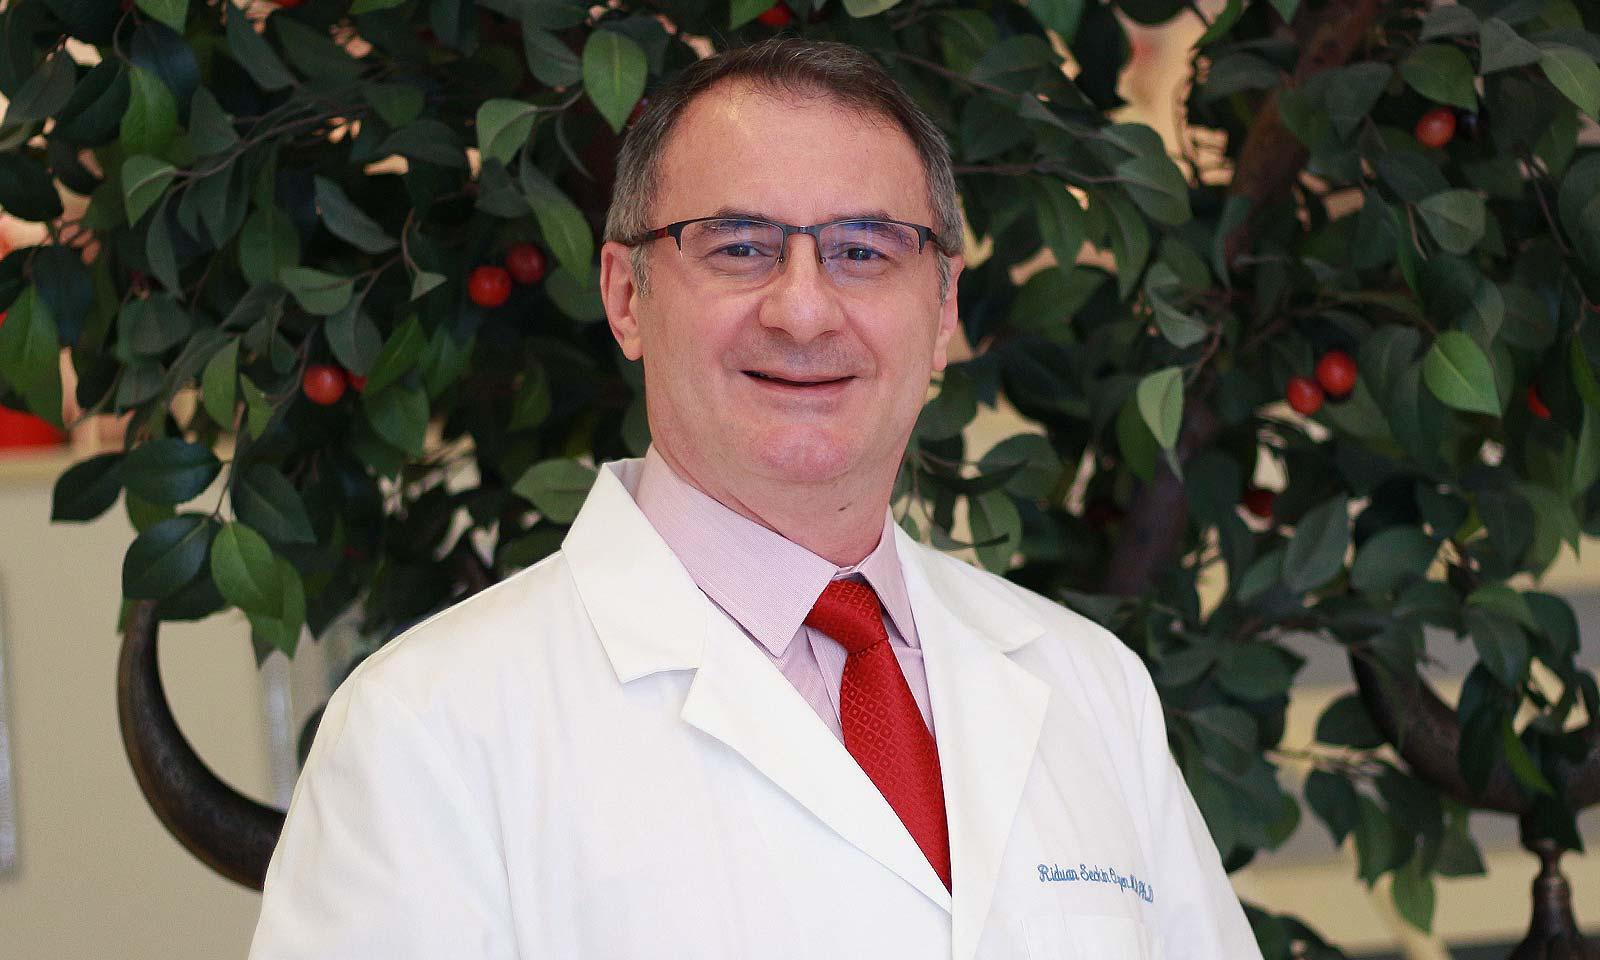 Dr. Rıdvan Seçkin Özen